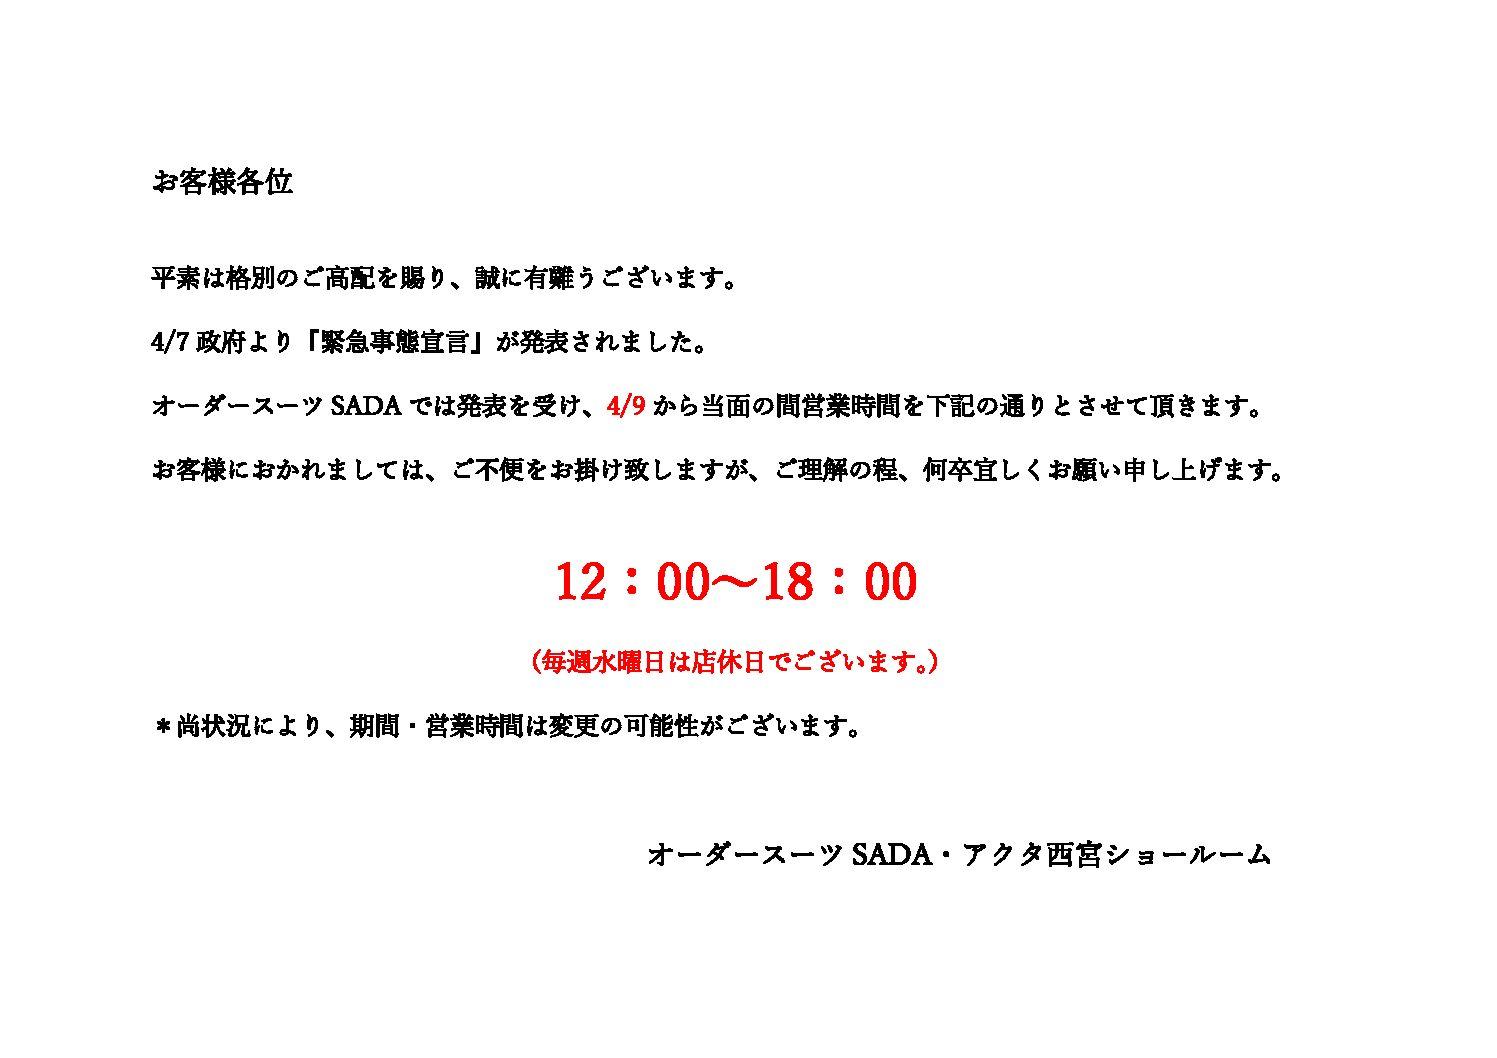 「明日、4/22(水)は店休日」のお知らせと「4/9(金)~の営業時間の変更」について。